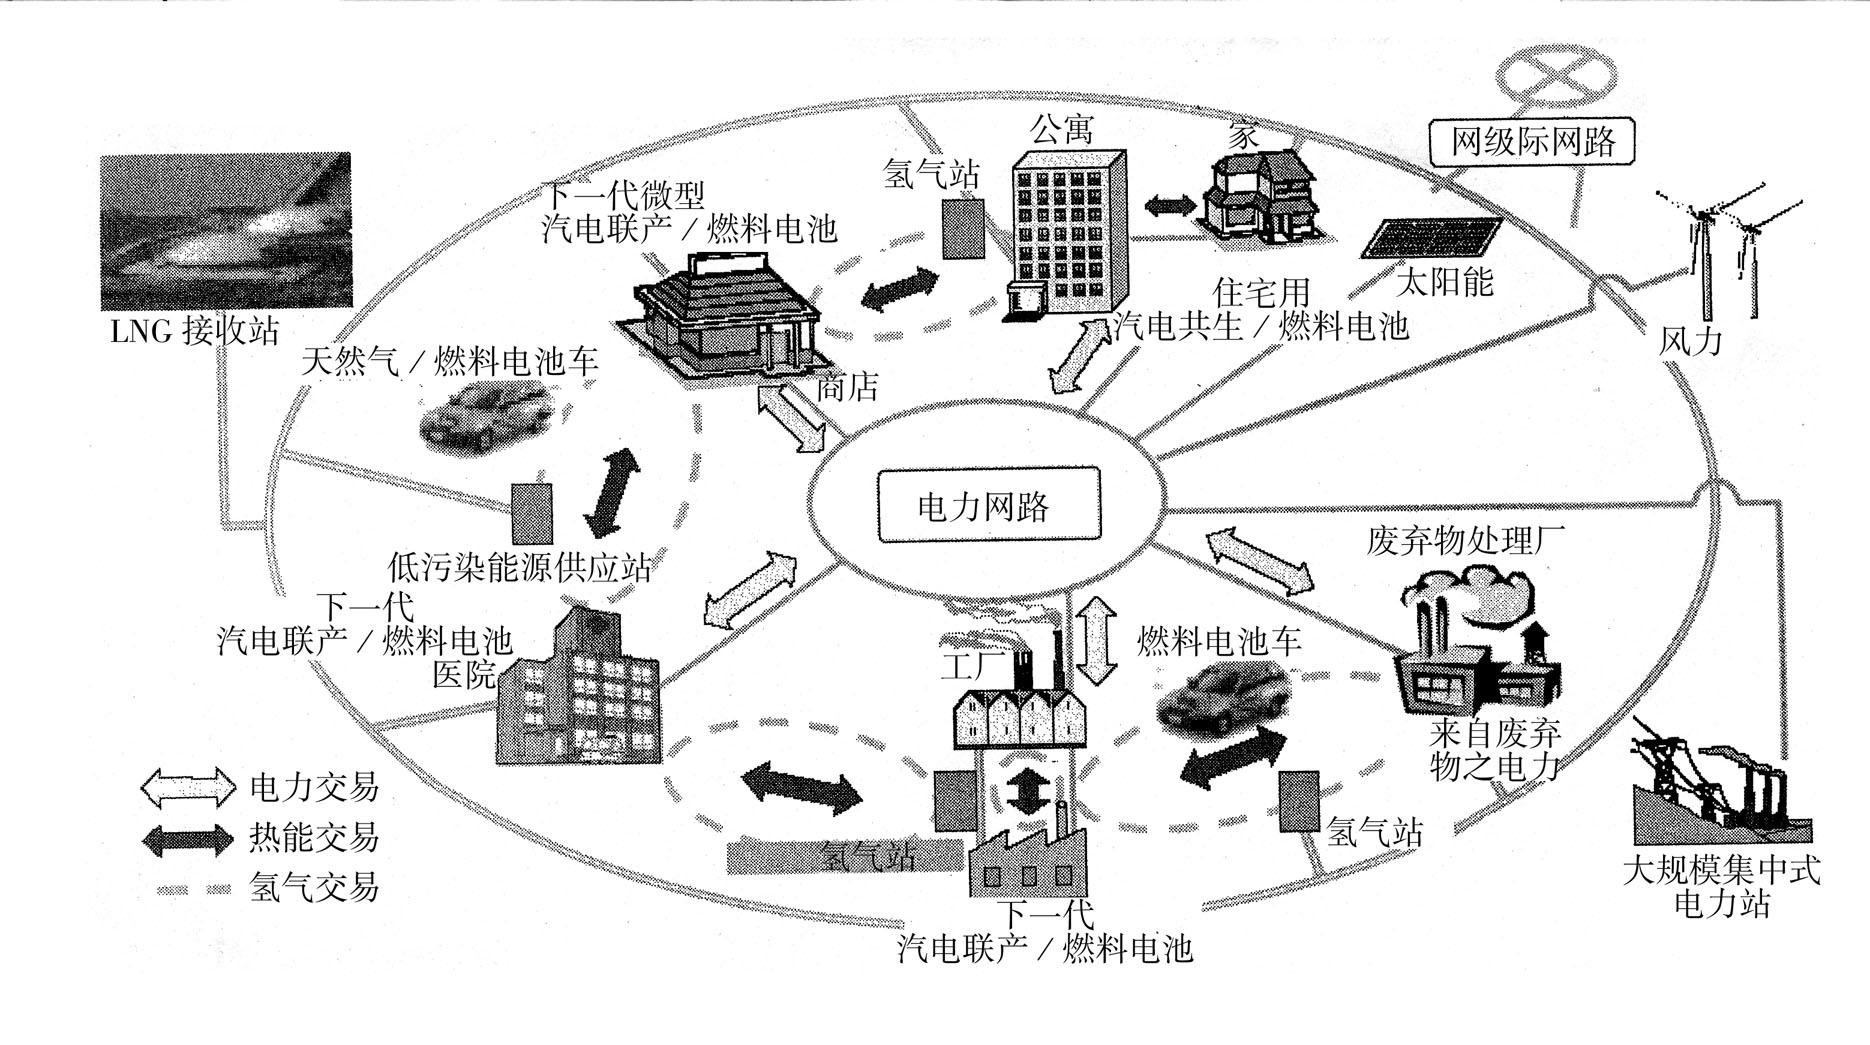 被看作是能源互联网的顶层设计,其中将涉及诸多细分市场包括分布式图片